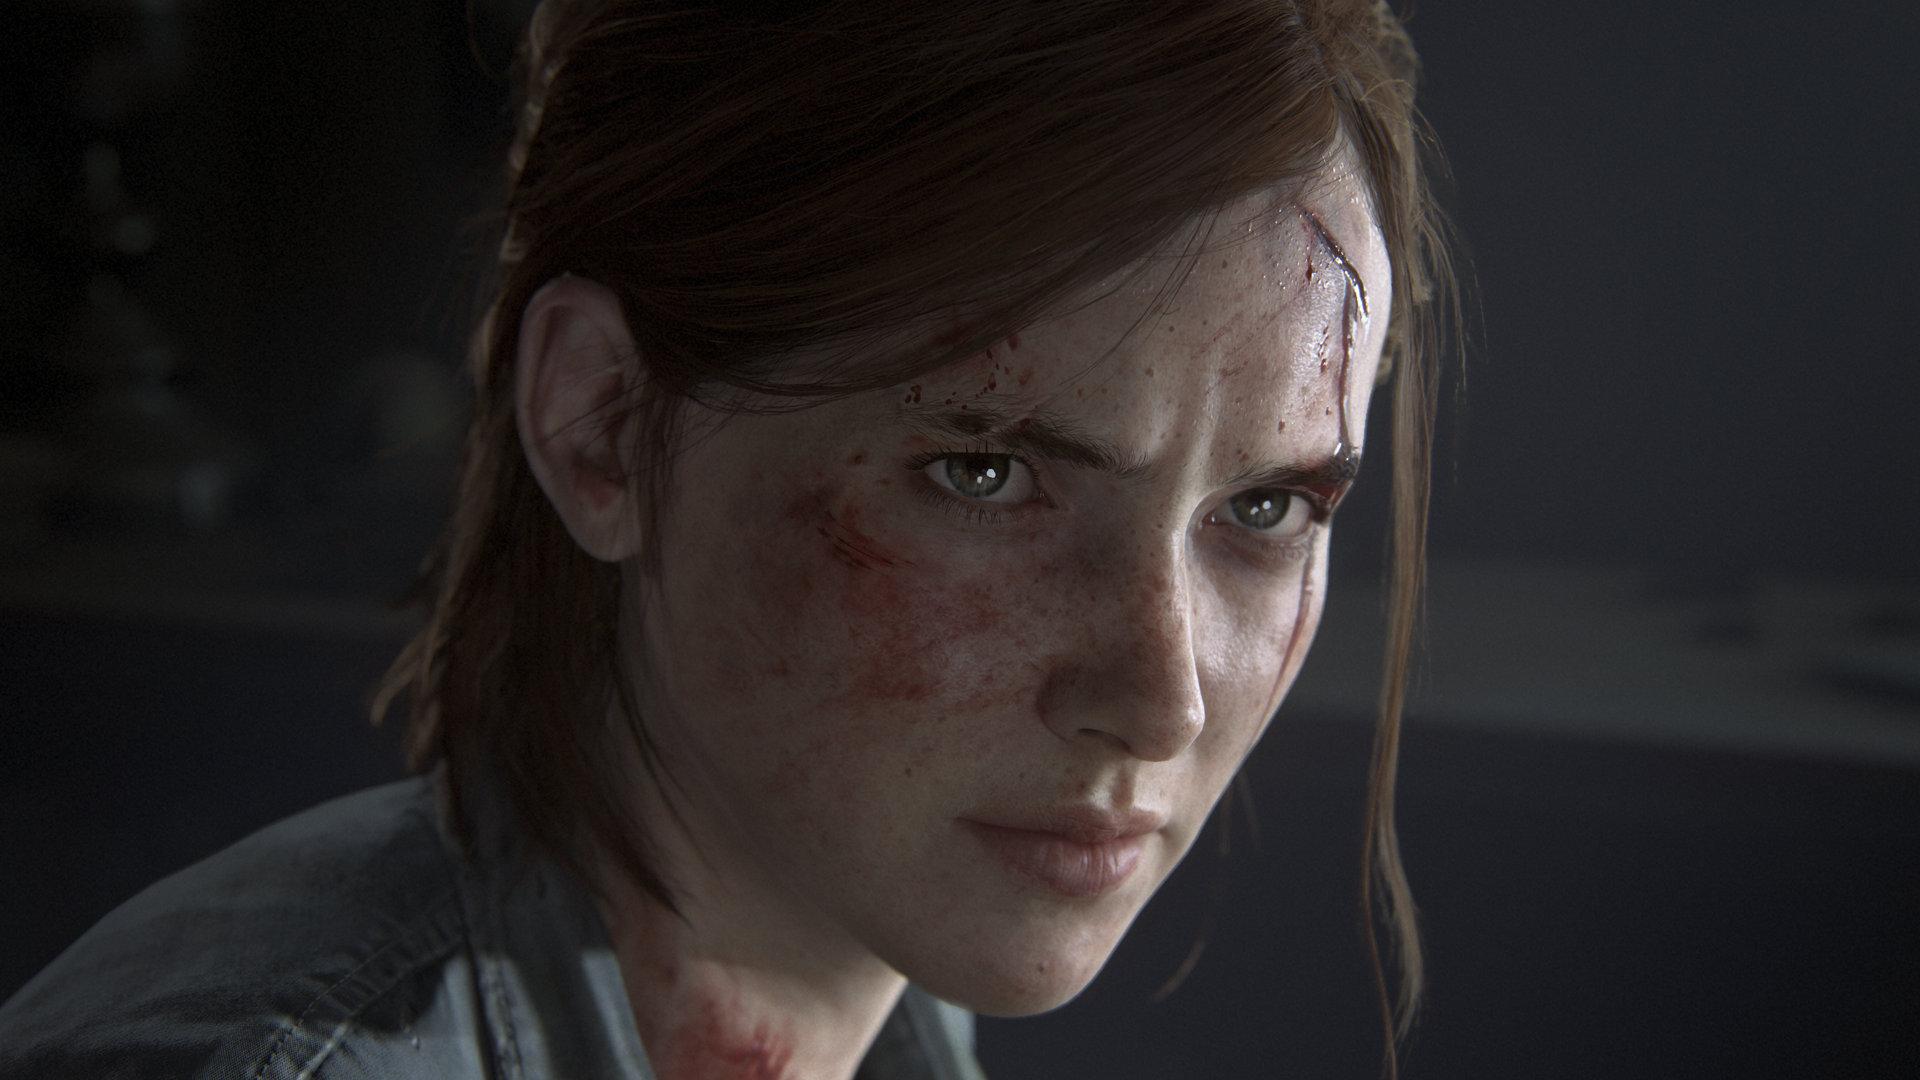 Sony Interactive открыла подразделение для работы над фильмами и сериалами по своим играм